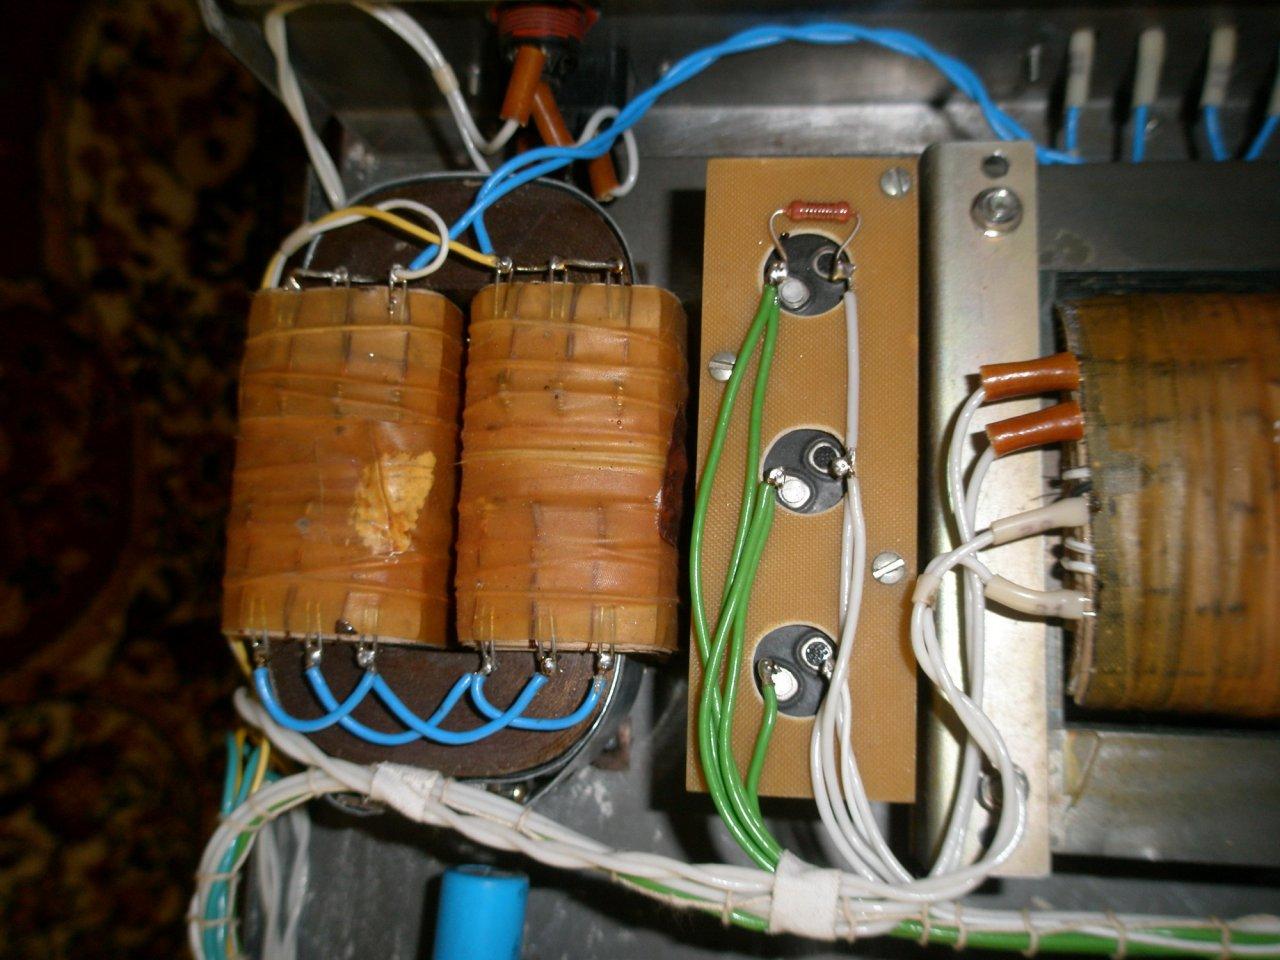 схема зарядного устройства стек7000 и ремонт